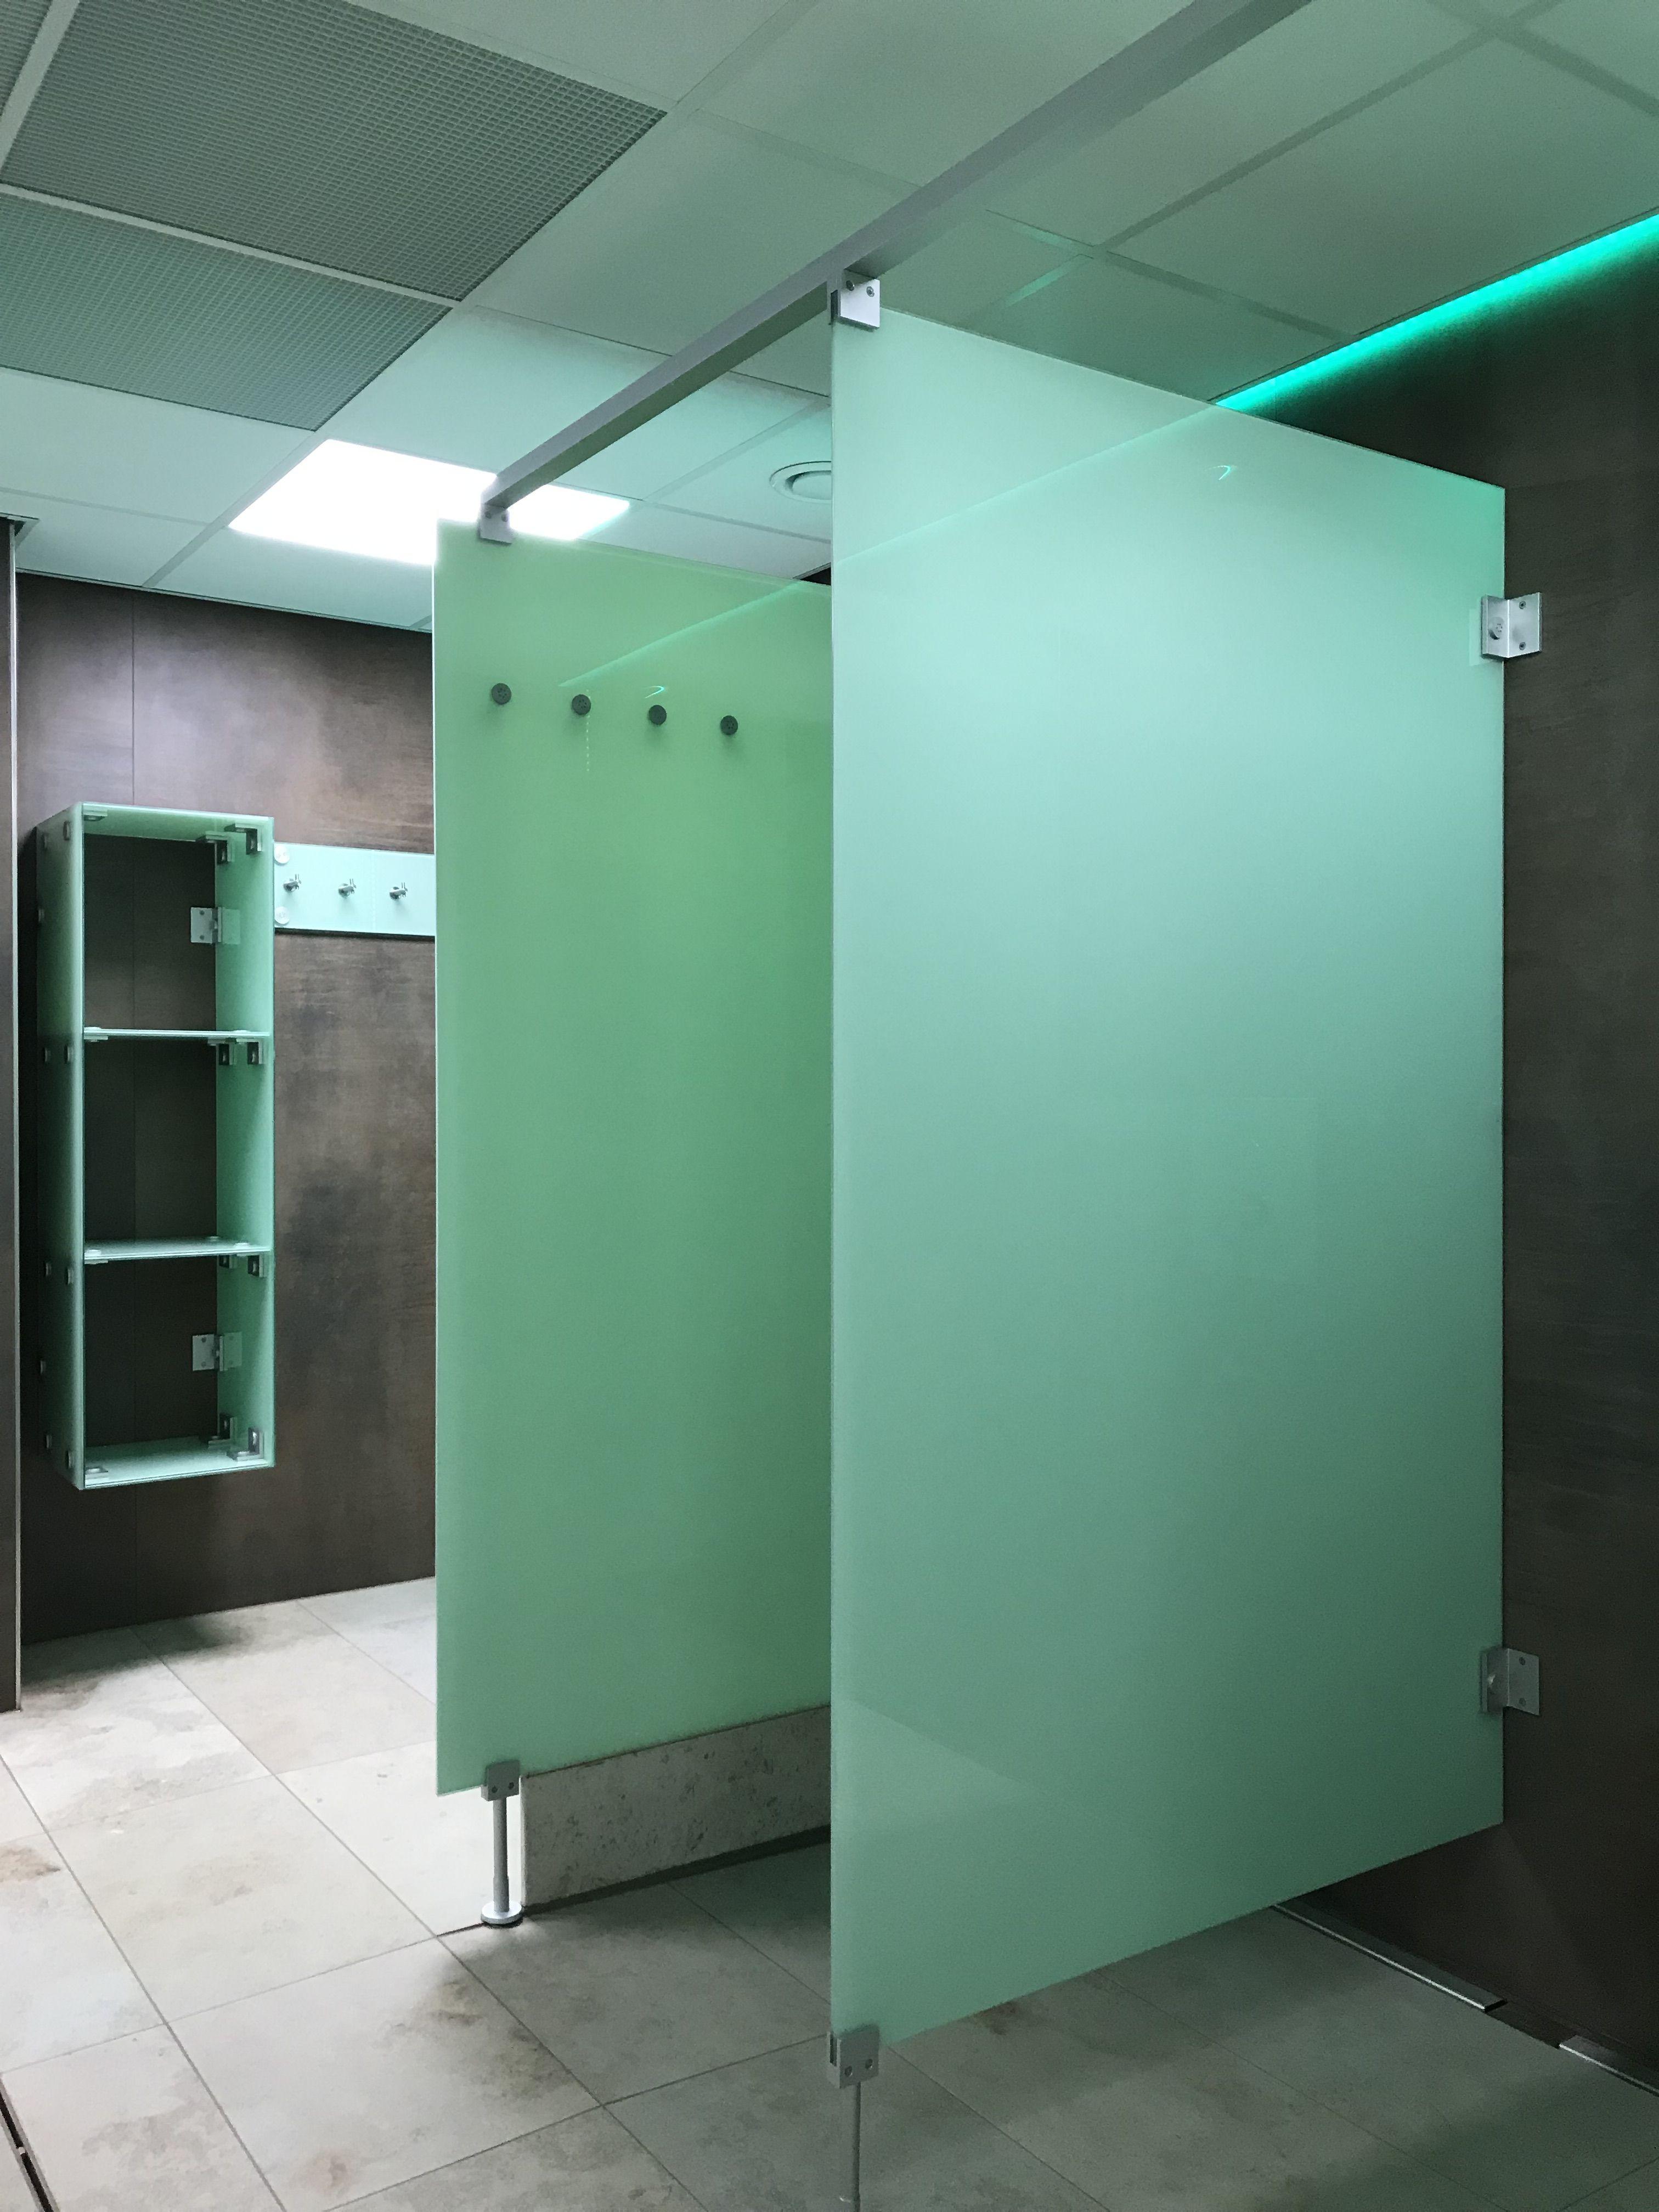 Duschtrennwande Noxx Smart Aus Glas Vsg In Farbe Weissgrun Von Kemmlit Schliessfacher Trennwand Hallenbad